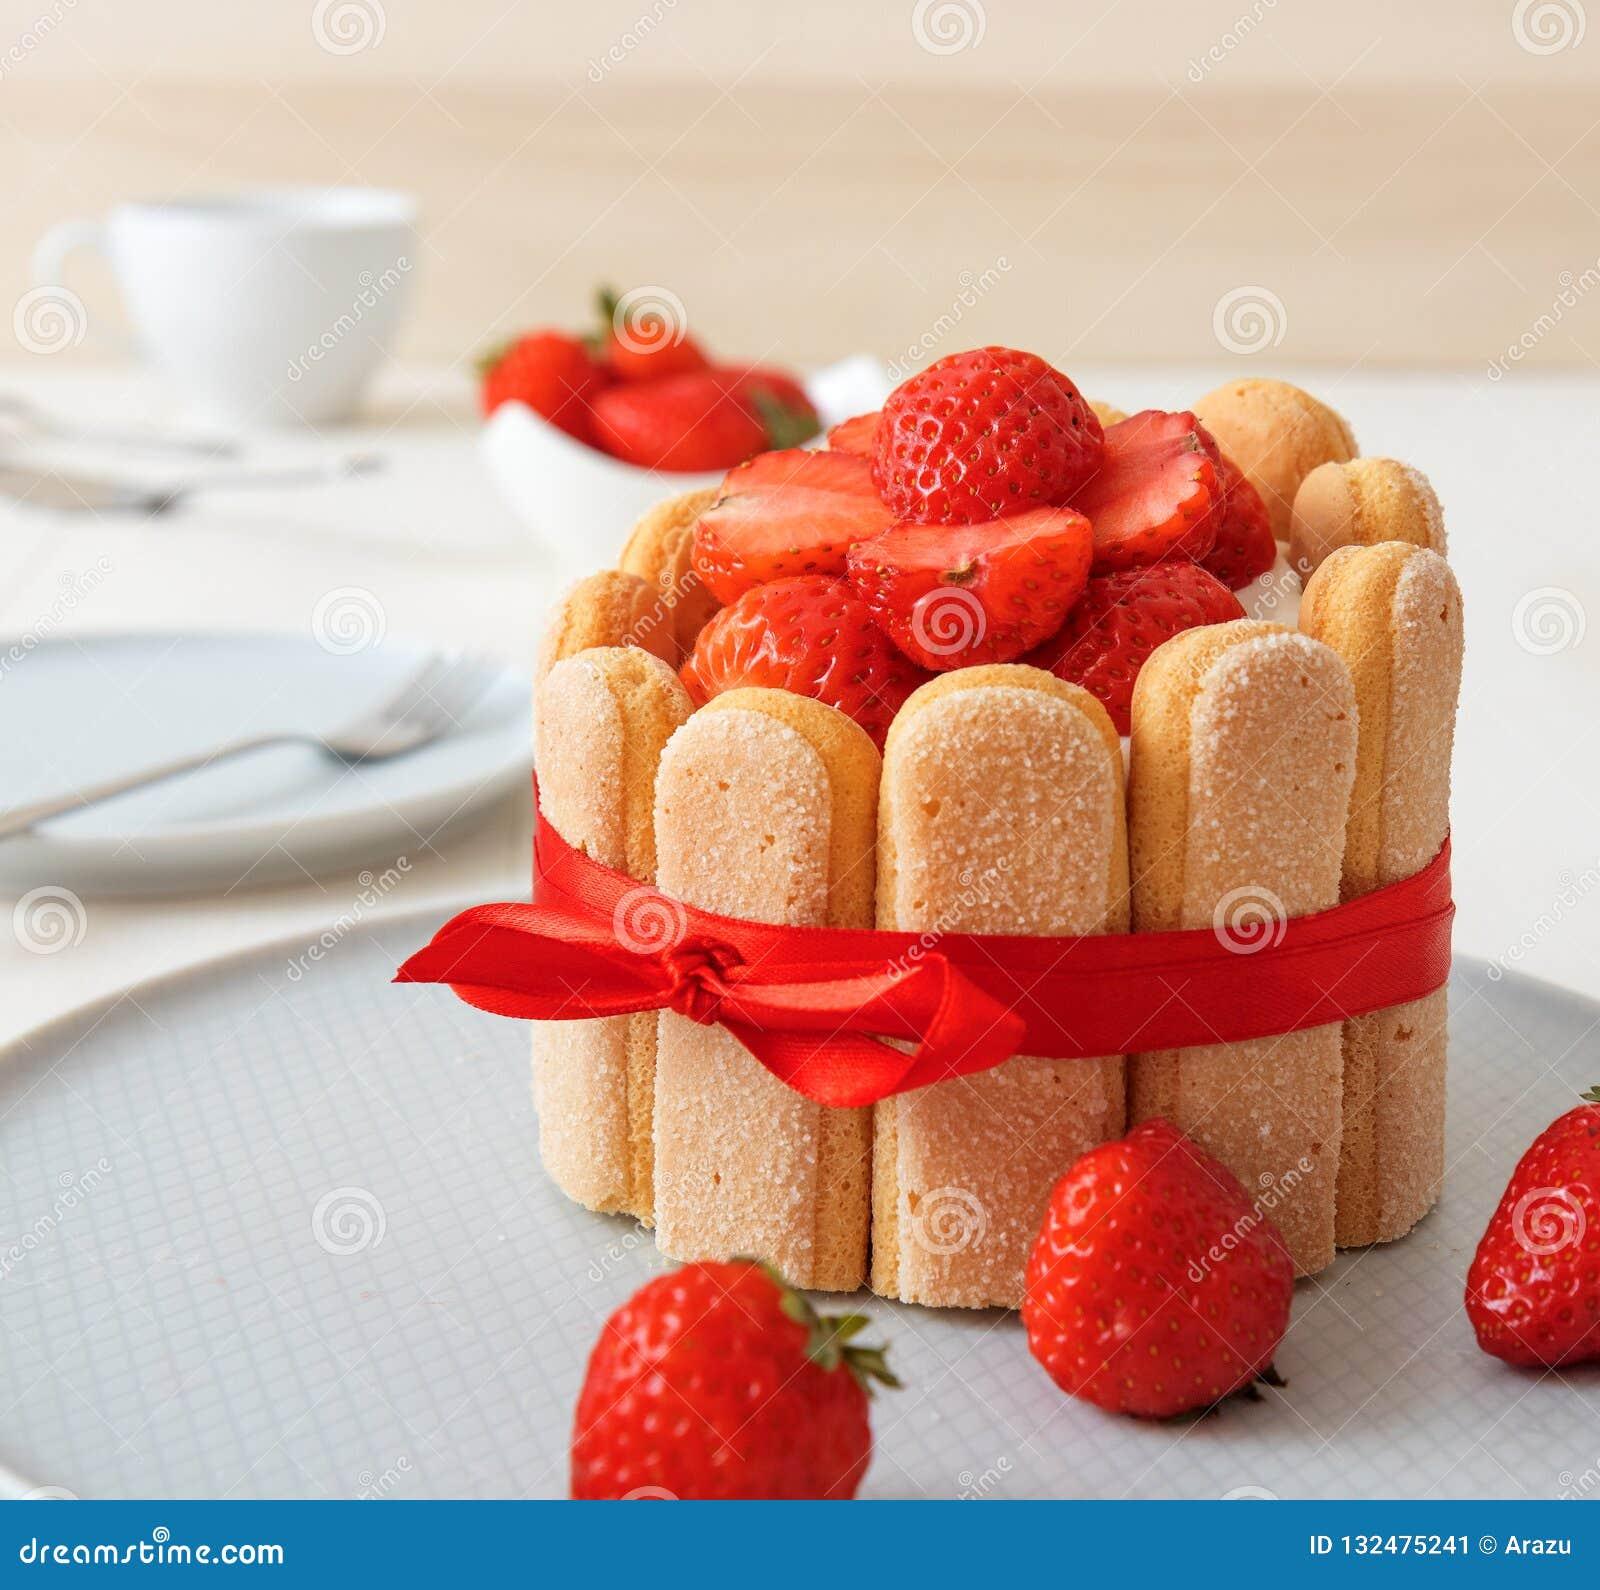 Десерт из клубники по французский